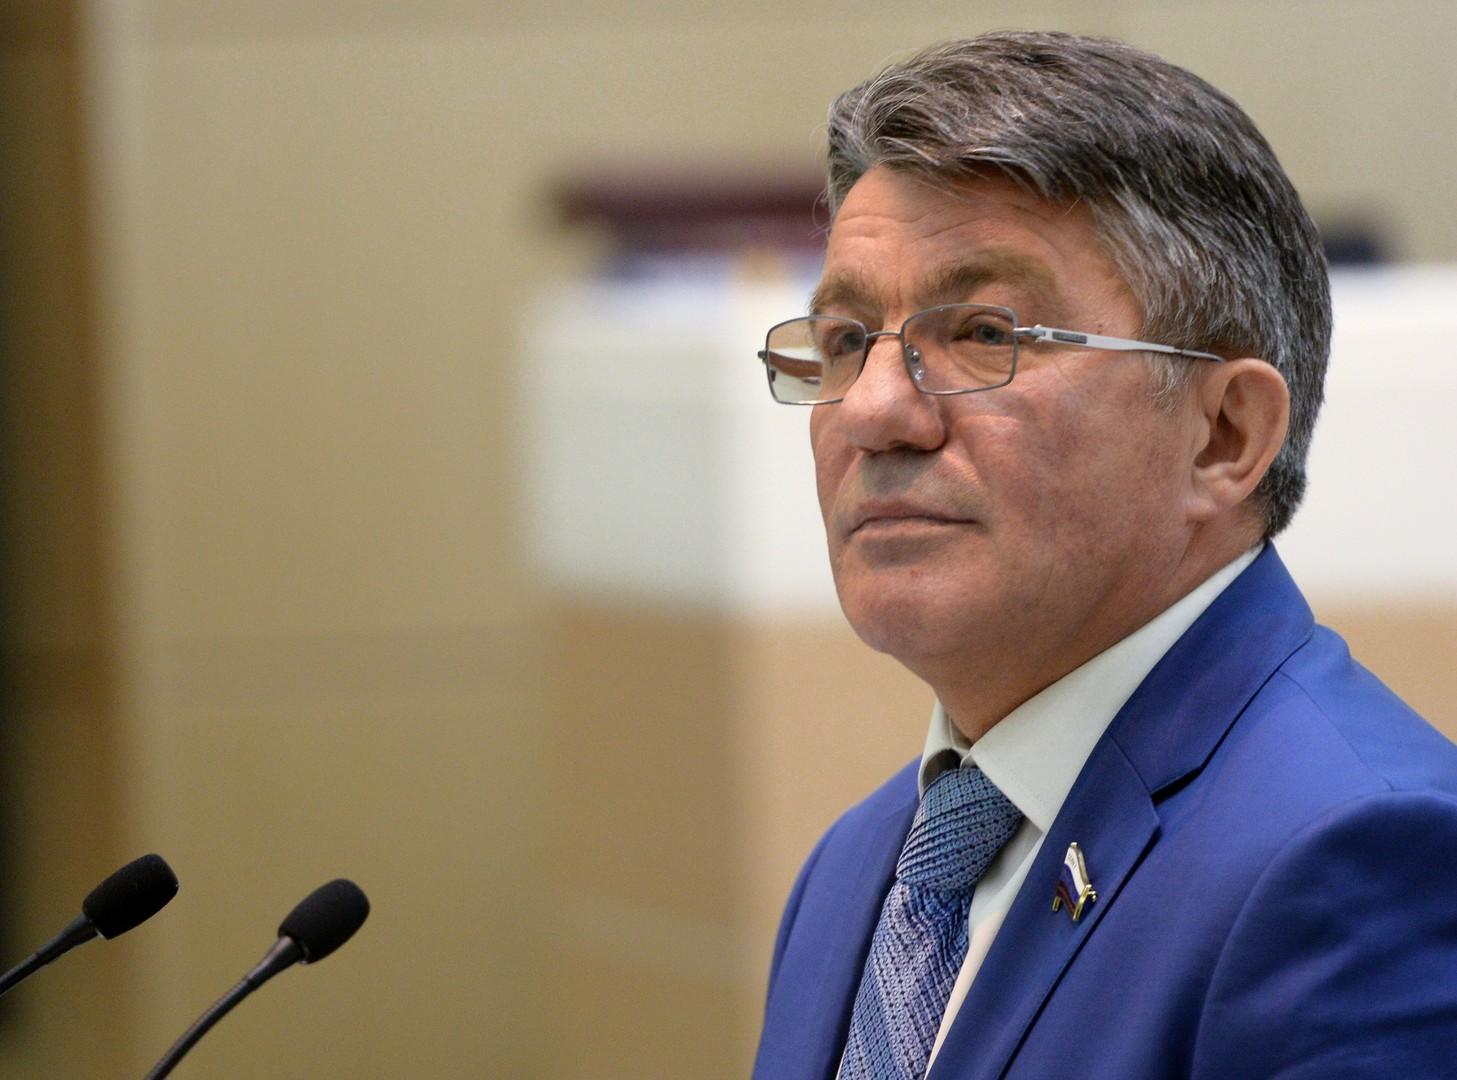 مجلس الاتحاد الروسي: تركيا قد تقدم قاعدة إنجرليك لطائراتنا الحربية